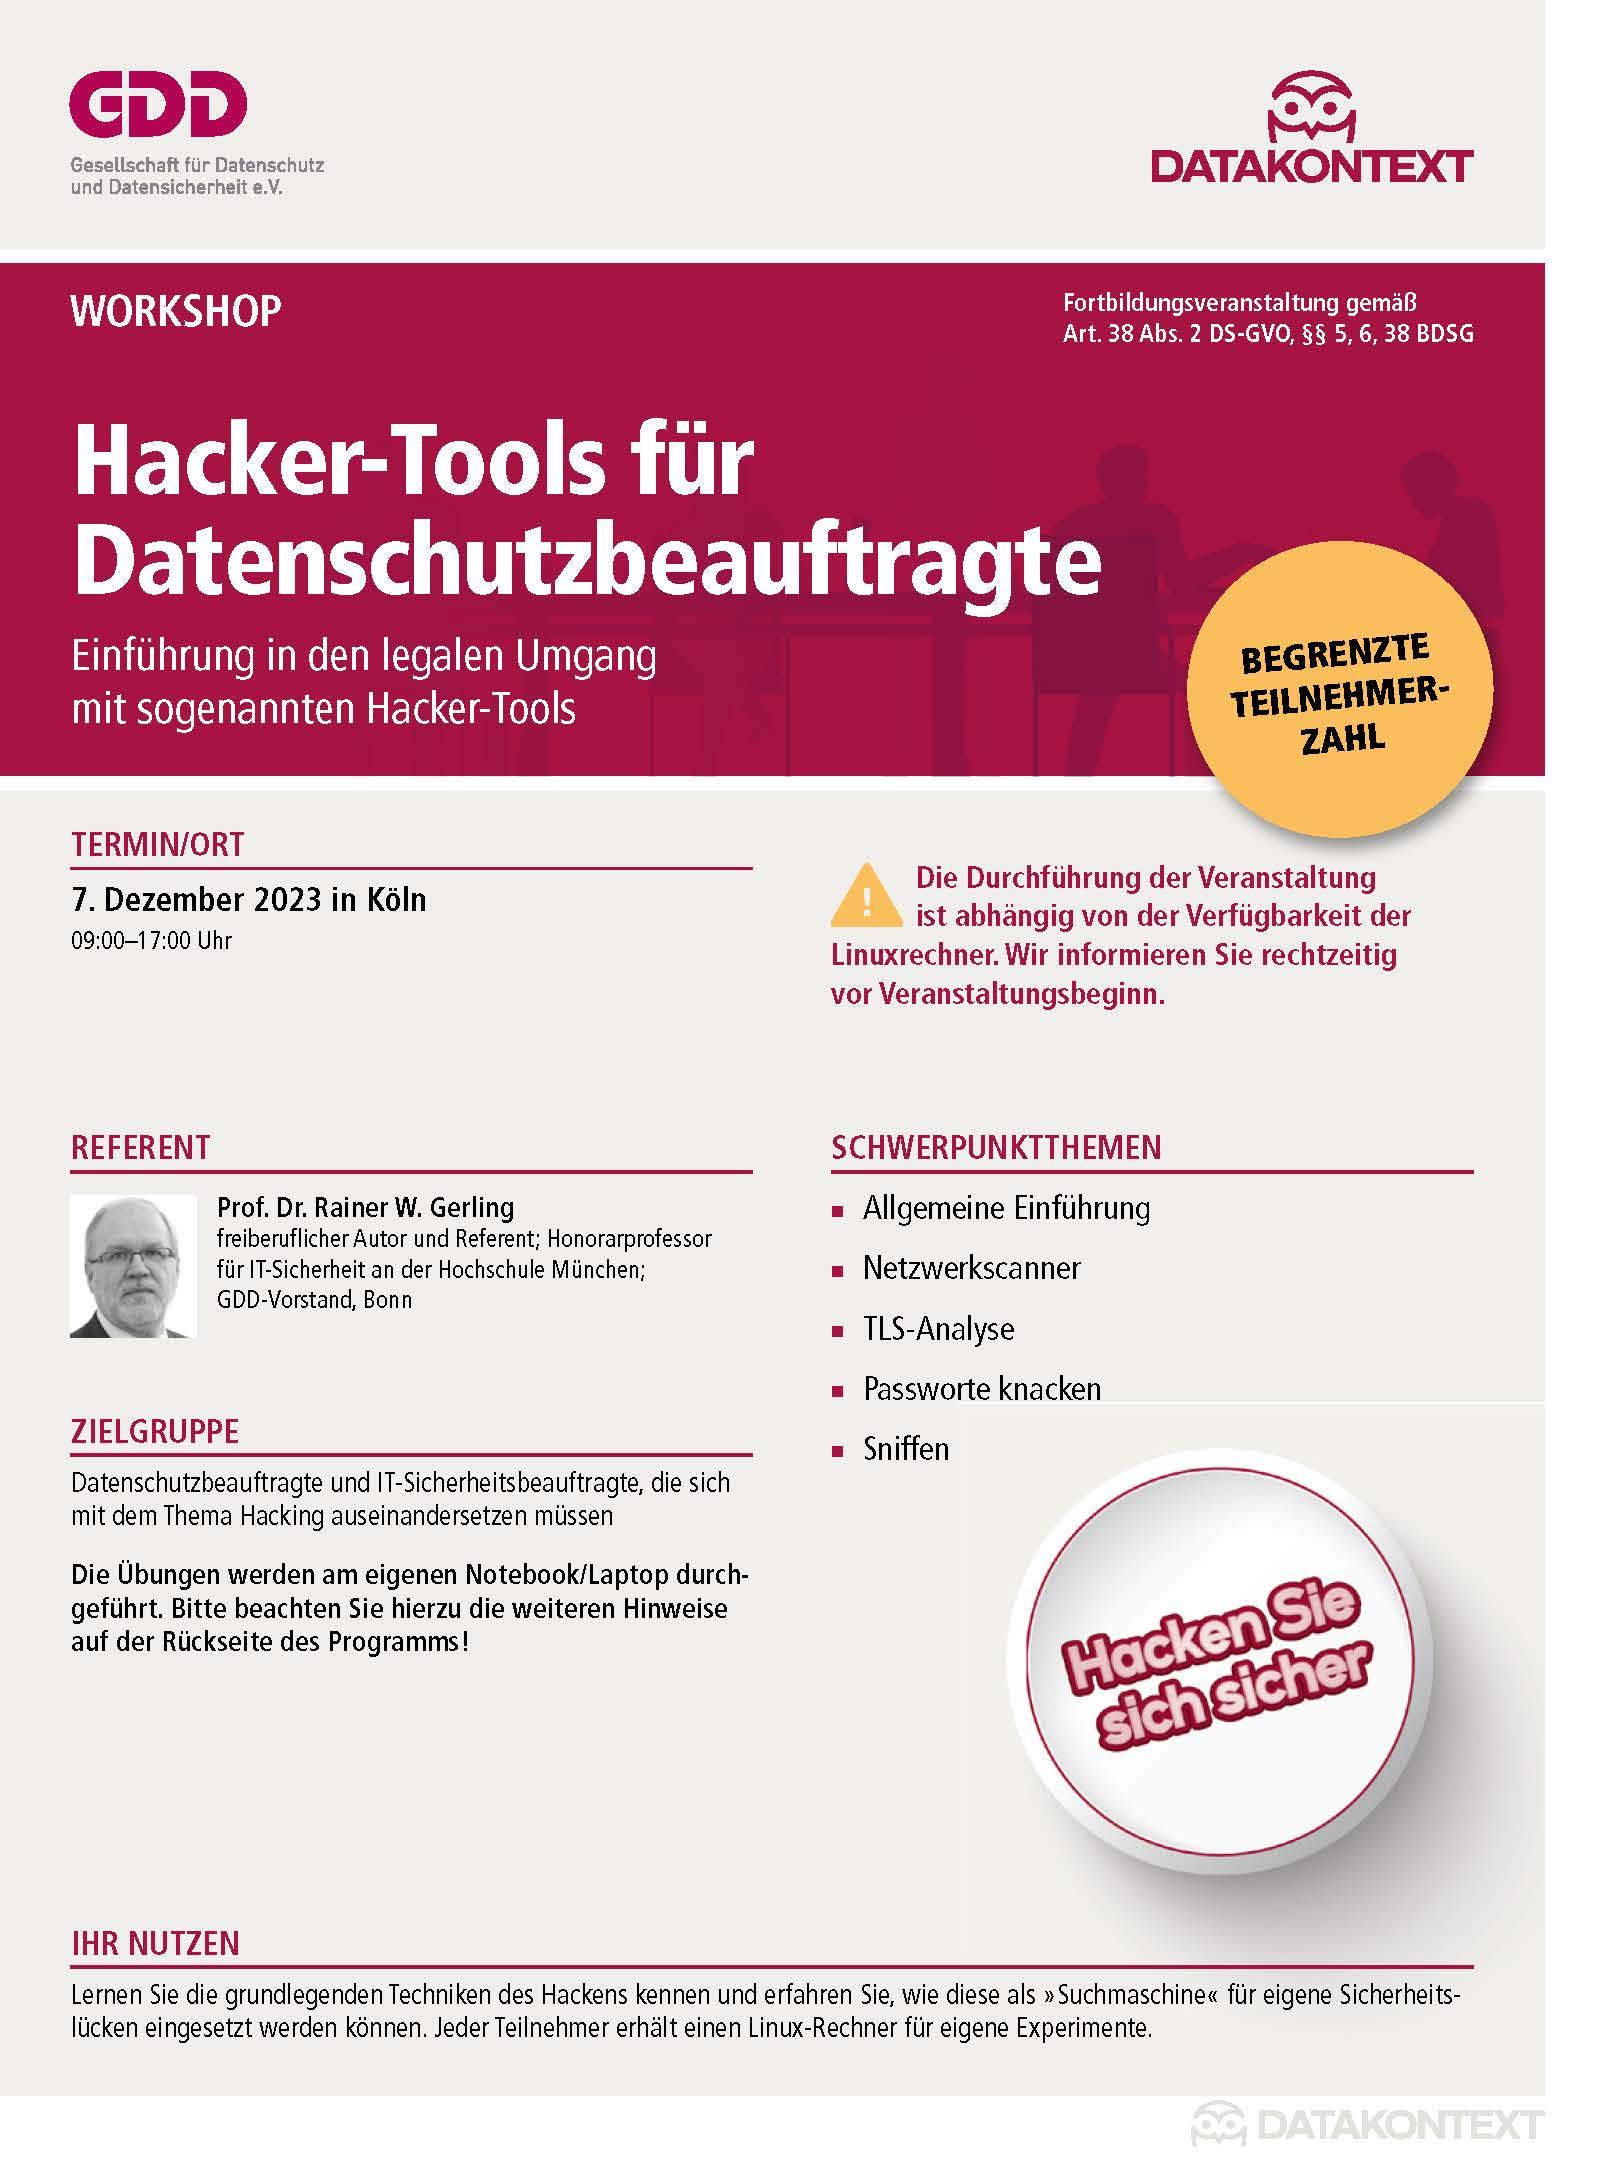 Hacker-Tools für Datenschutzbeauftragte